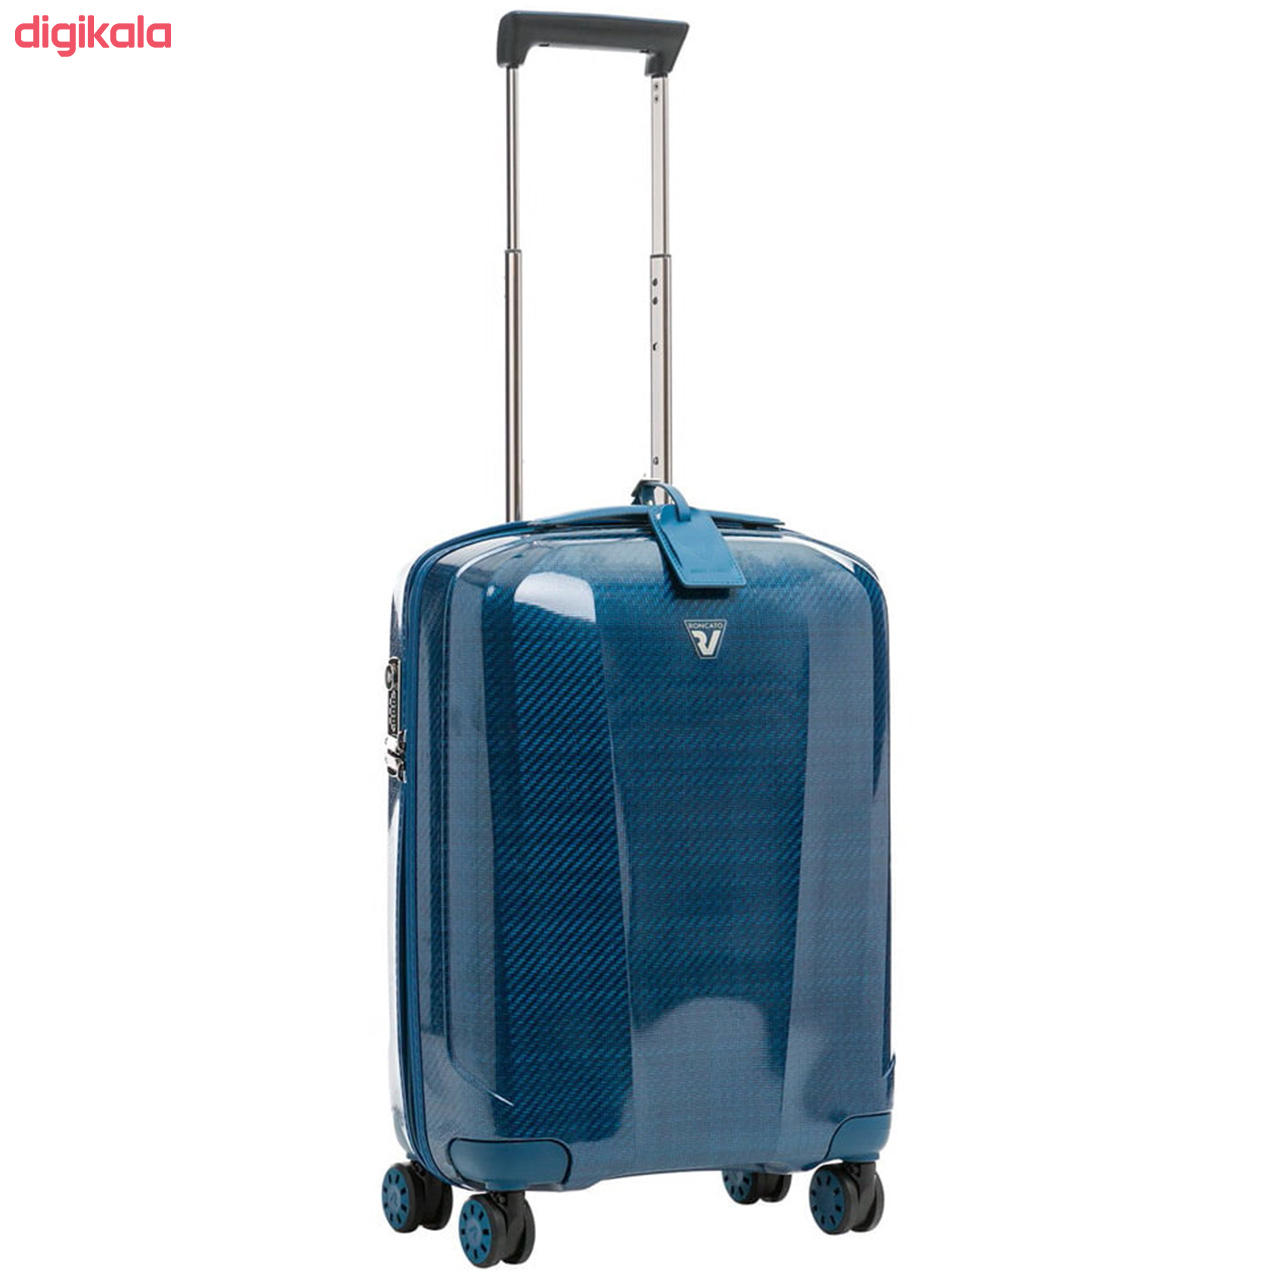 مجموعه سه عددی چمدان رونکاتو مدل 5950 main 1 6